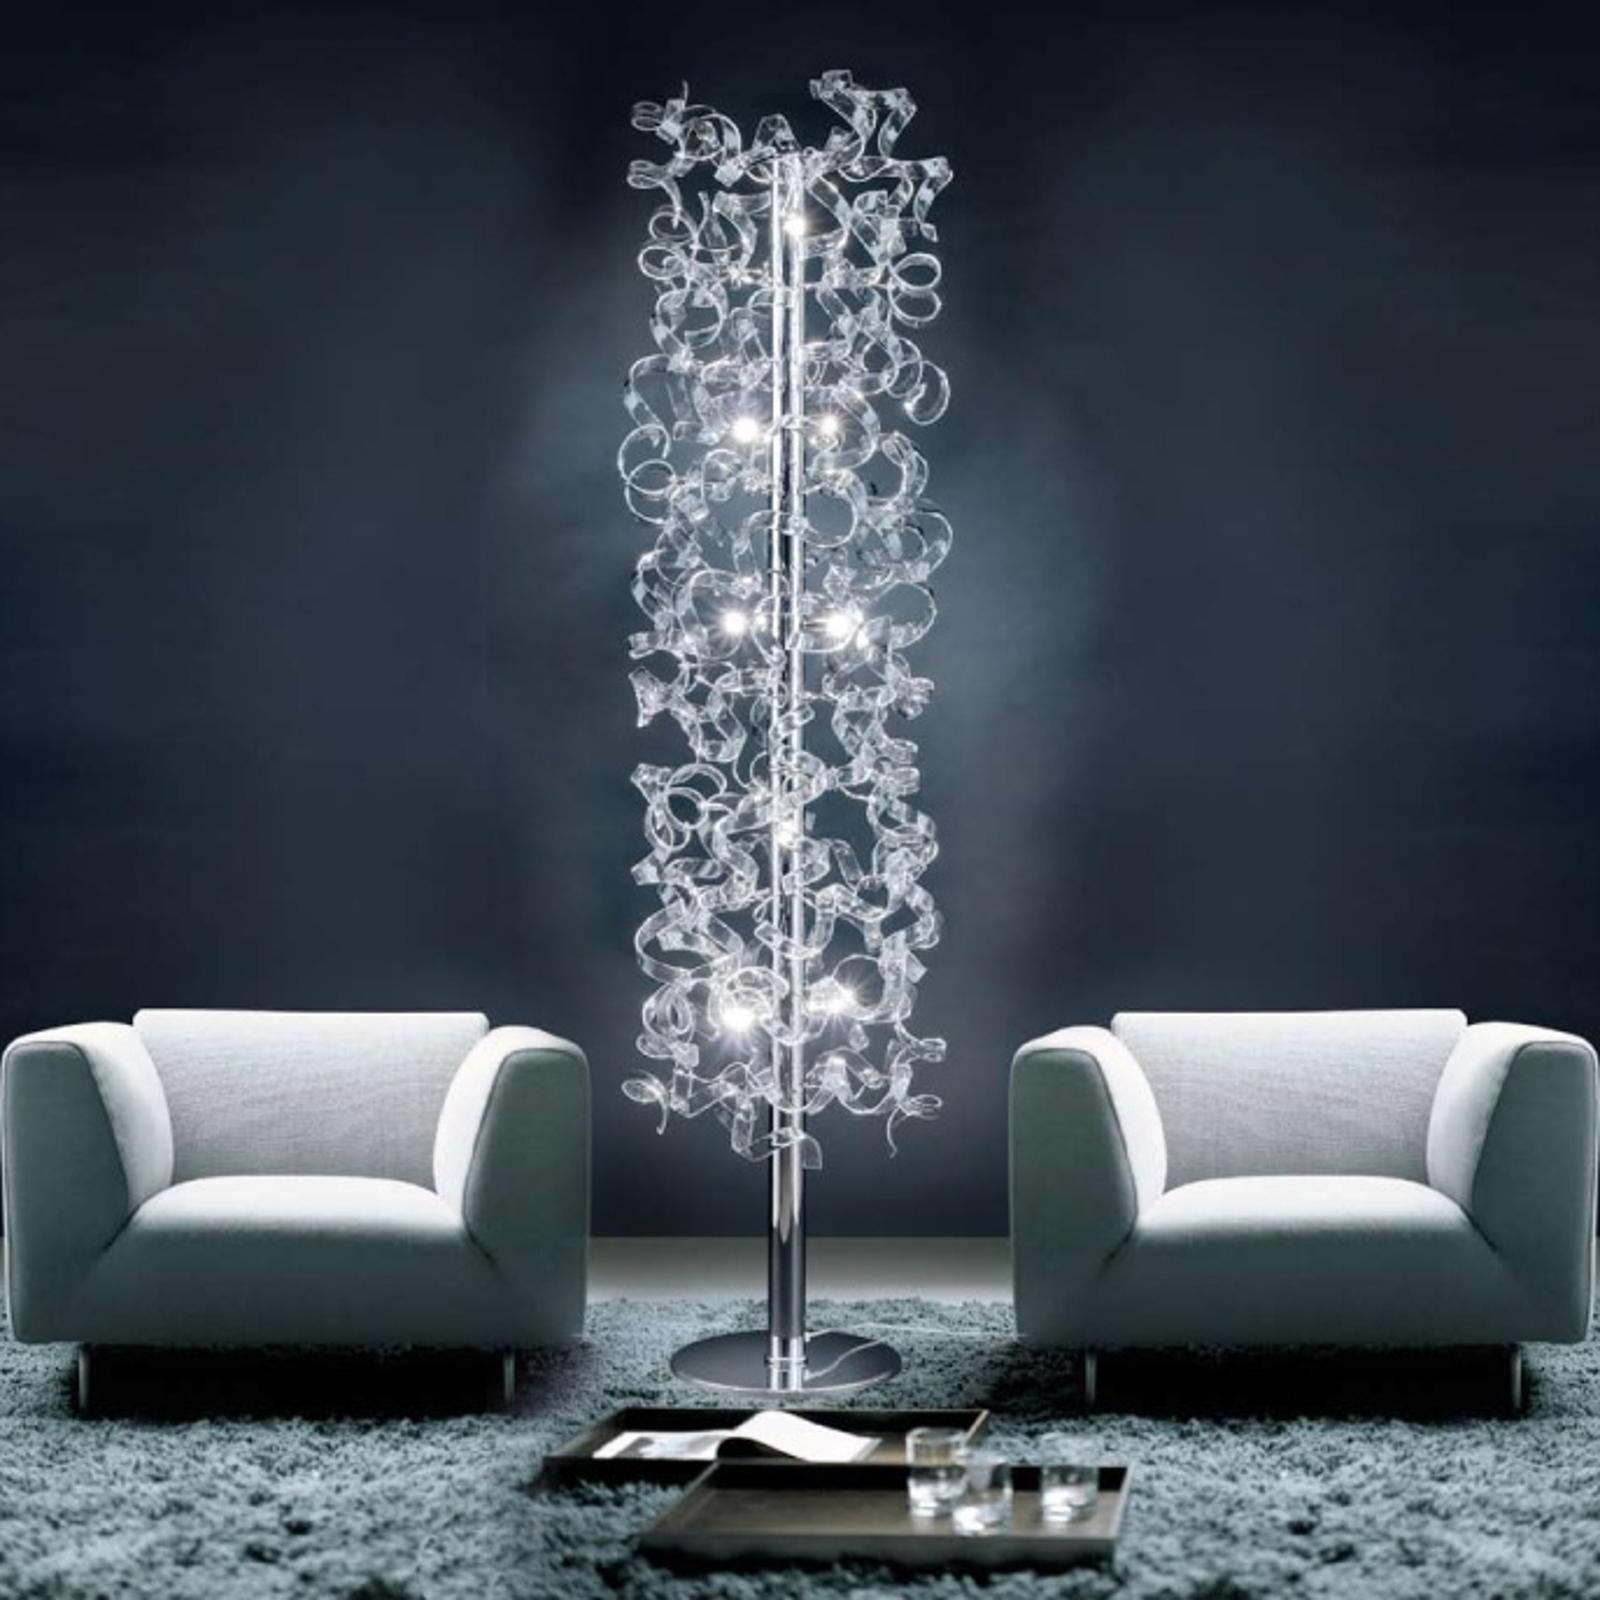 Vloerlamp Crystal met bewerkte staaf